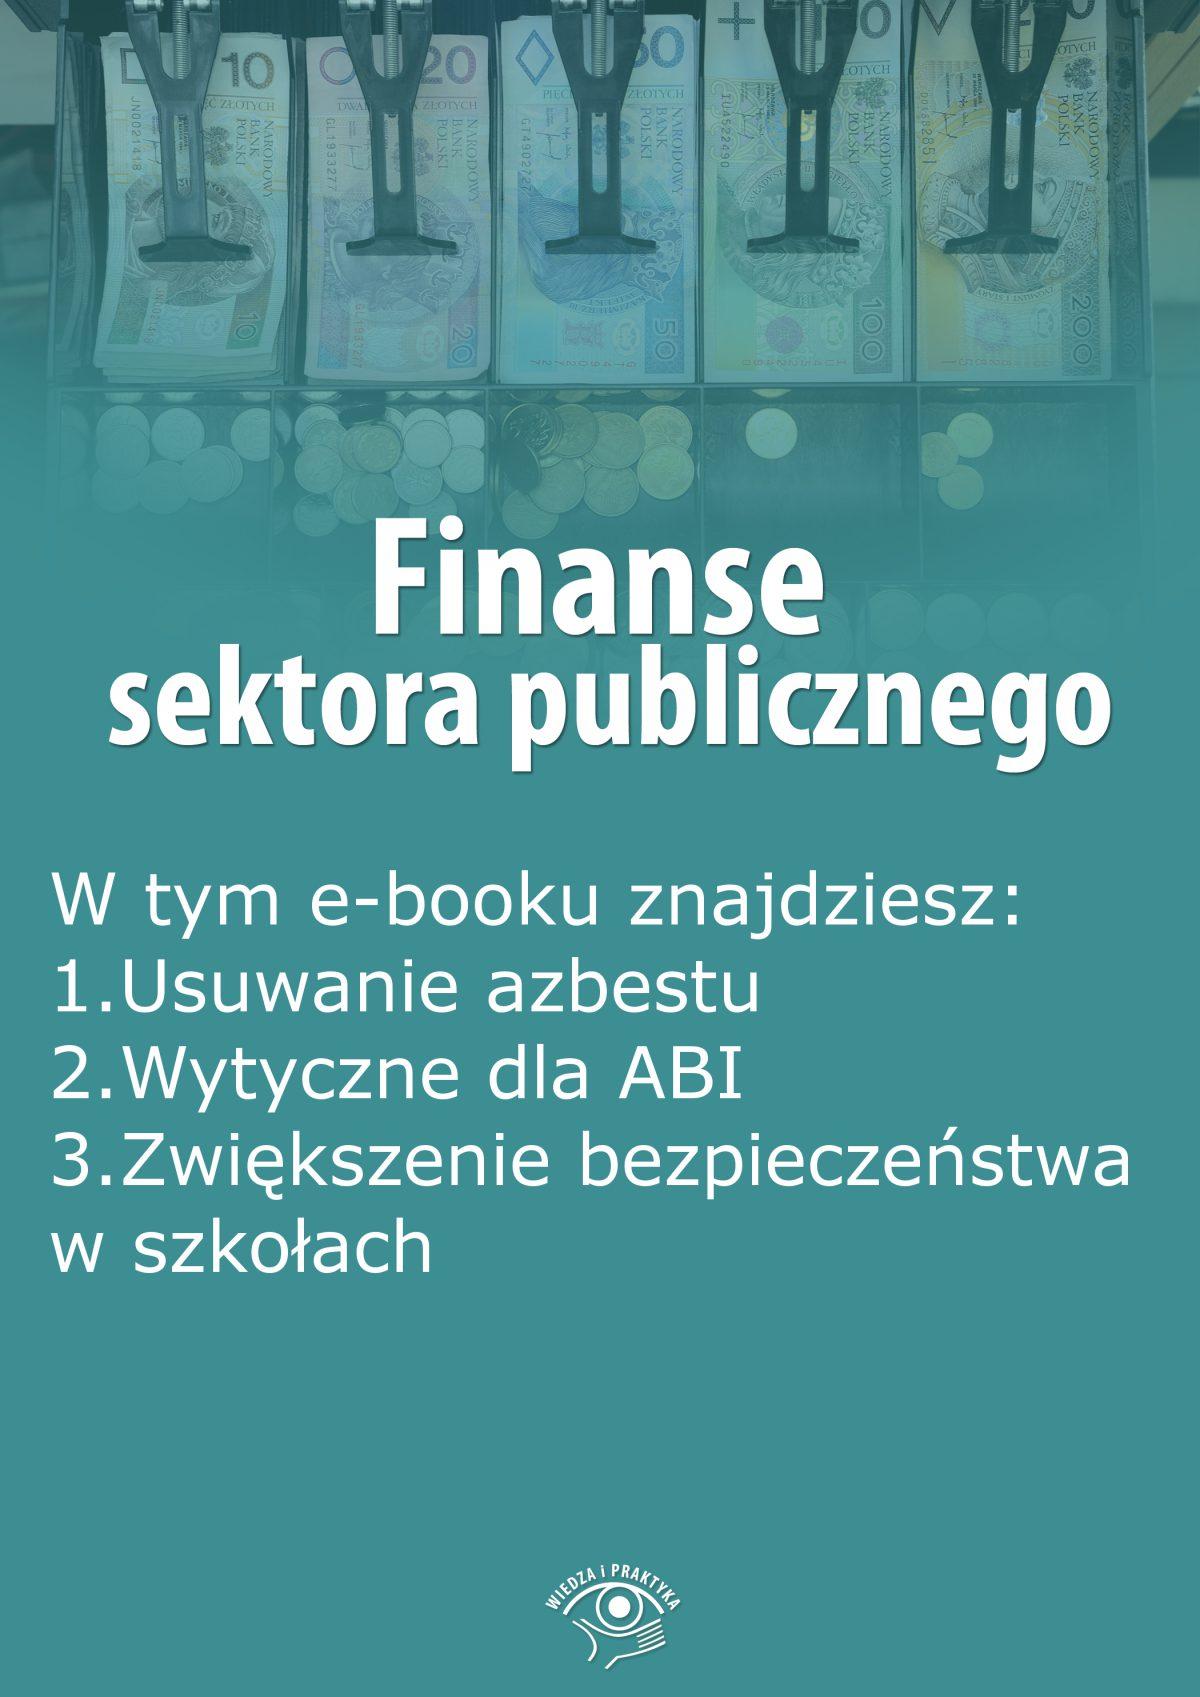 Finanse sektora publicznego, wydanie sierpień 2015 r. - Ebook (Książka EPUB) do pobrania w formacie EPUB